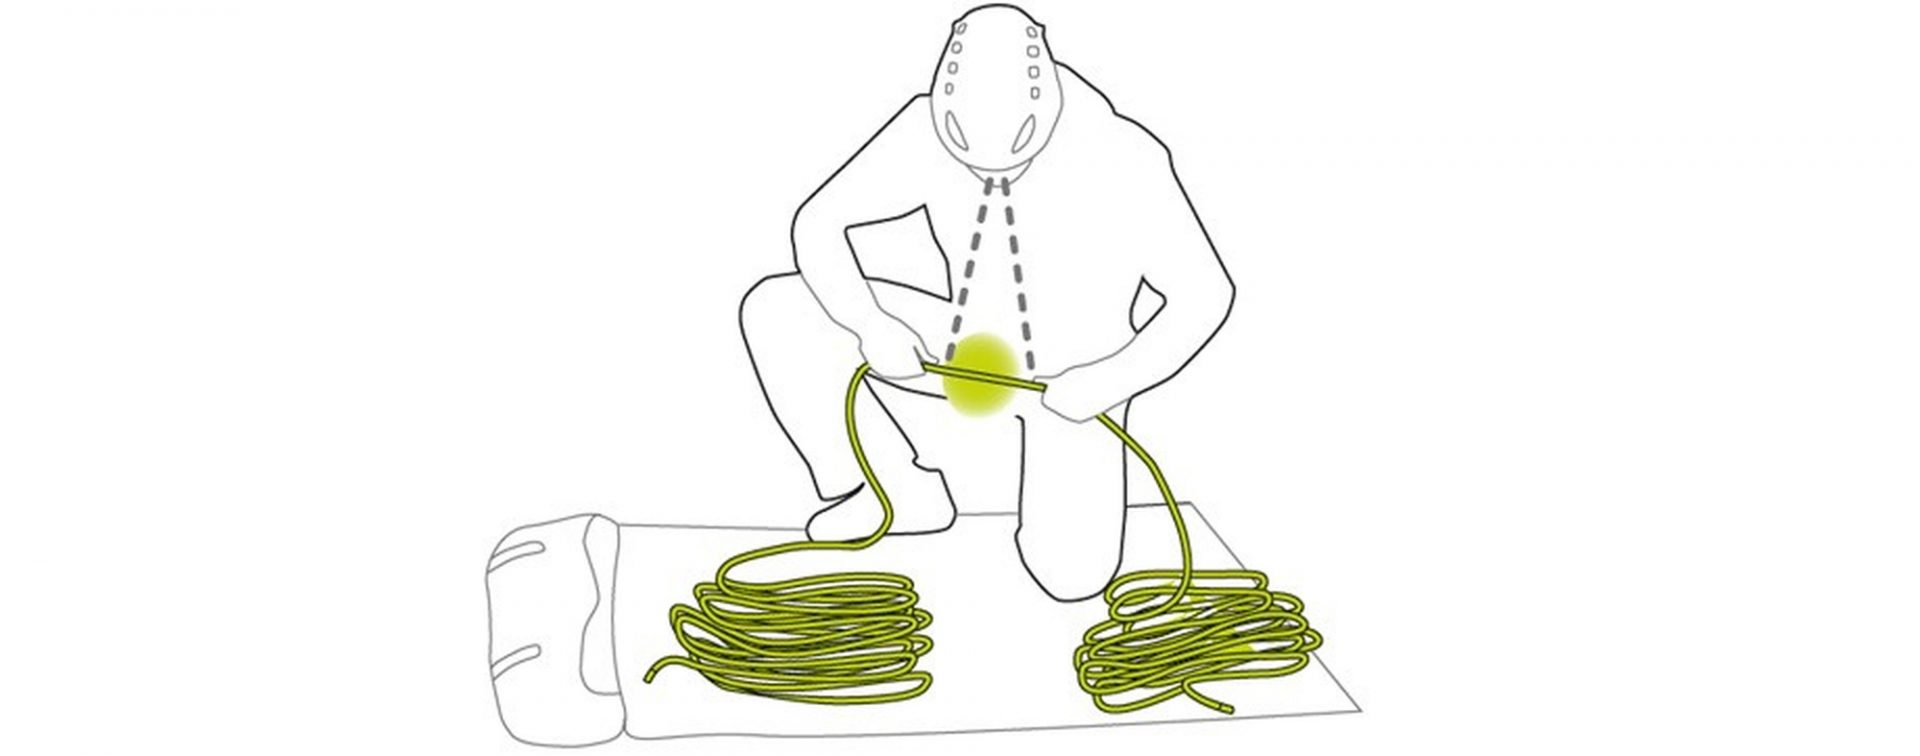 Seil überprüfen © Edelrid